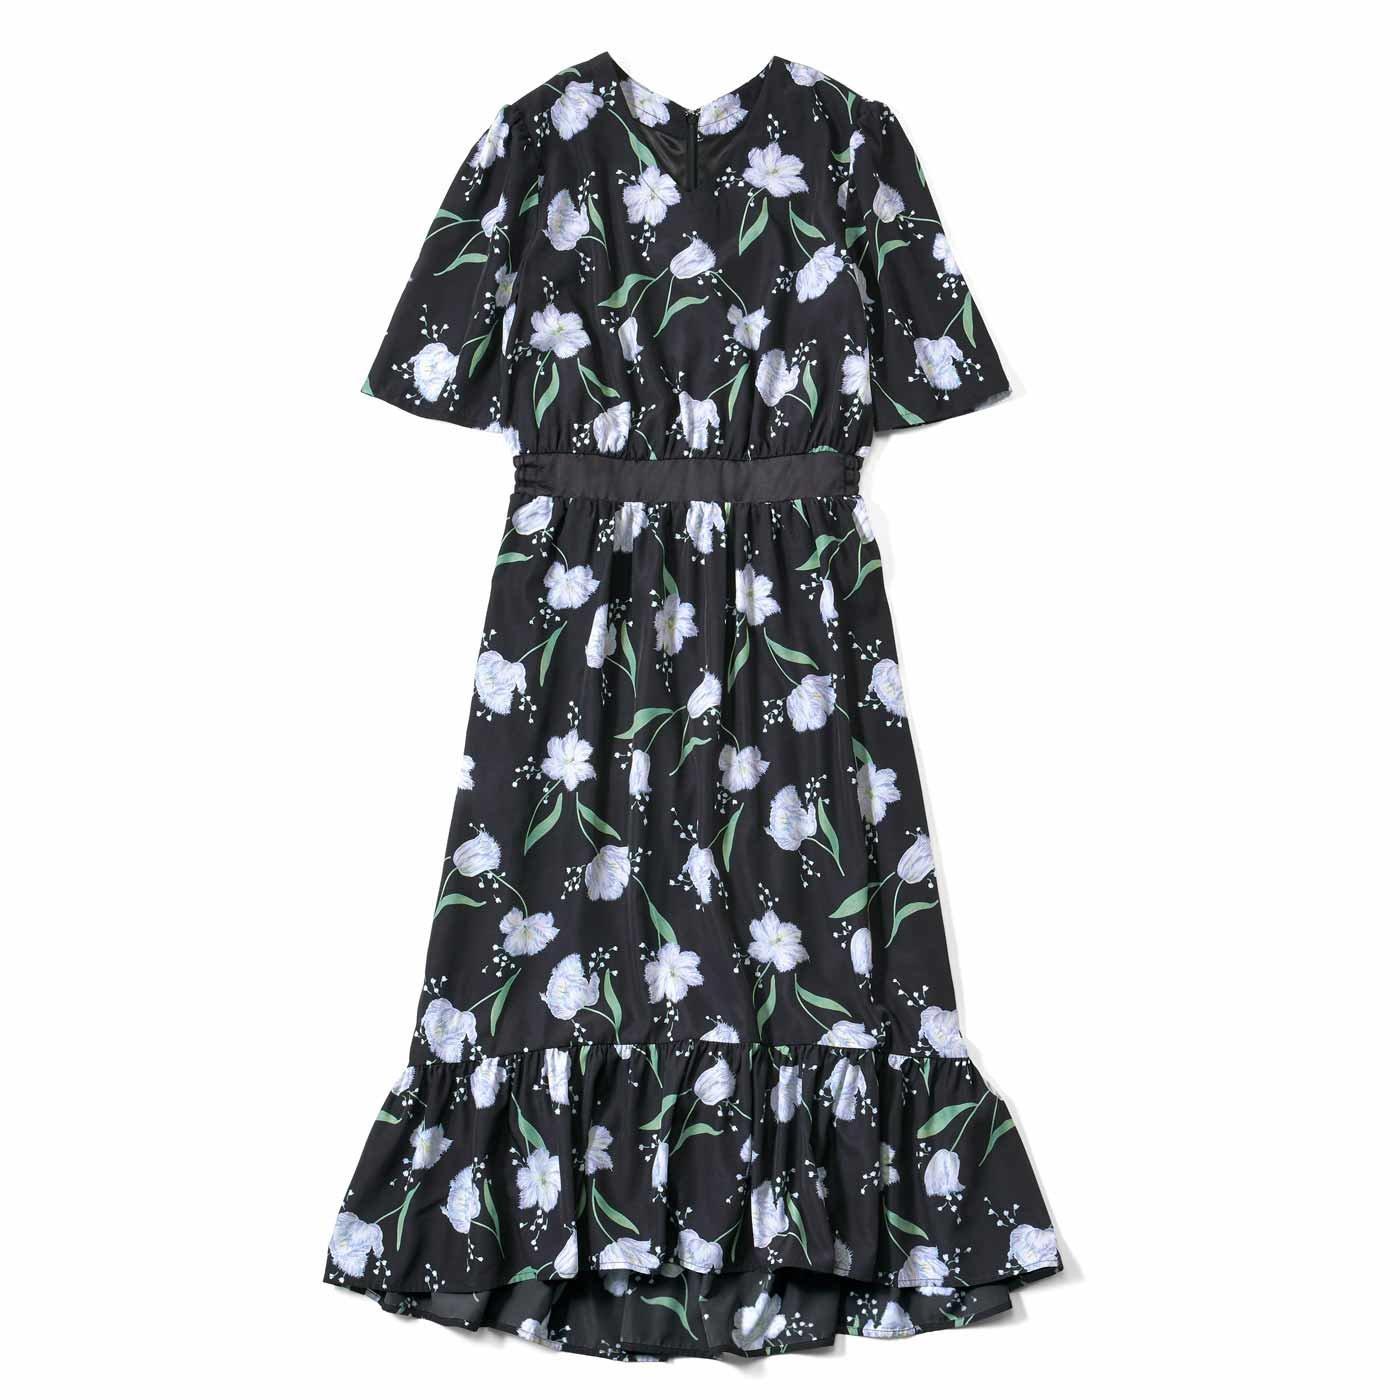 IEDIT[イディット]  フラワープリントのイレギュラーヘム サマードレス〈ブラック〉